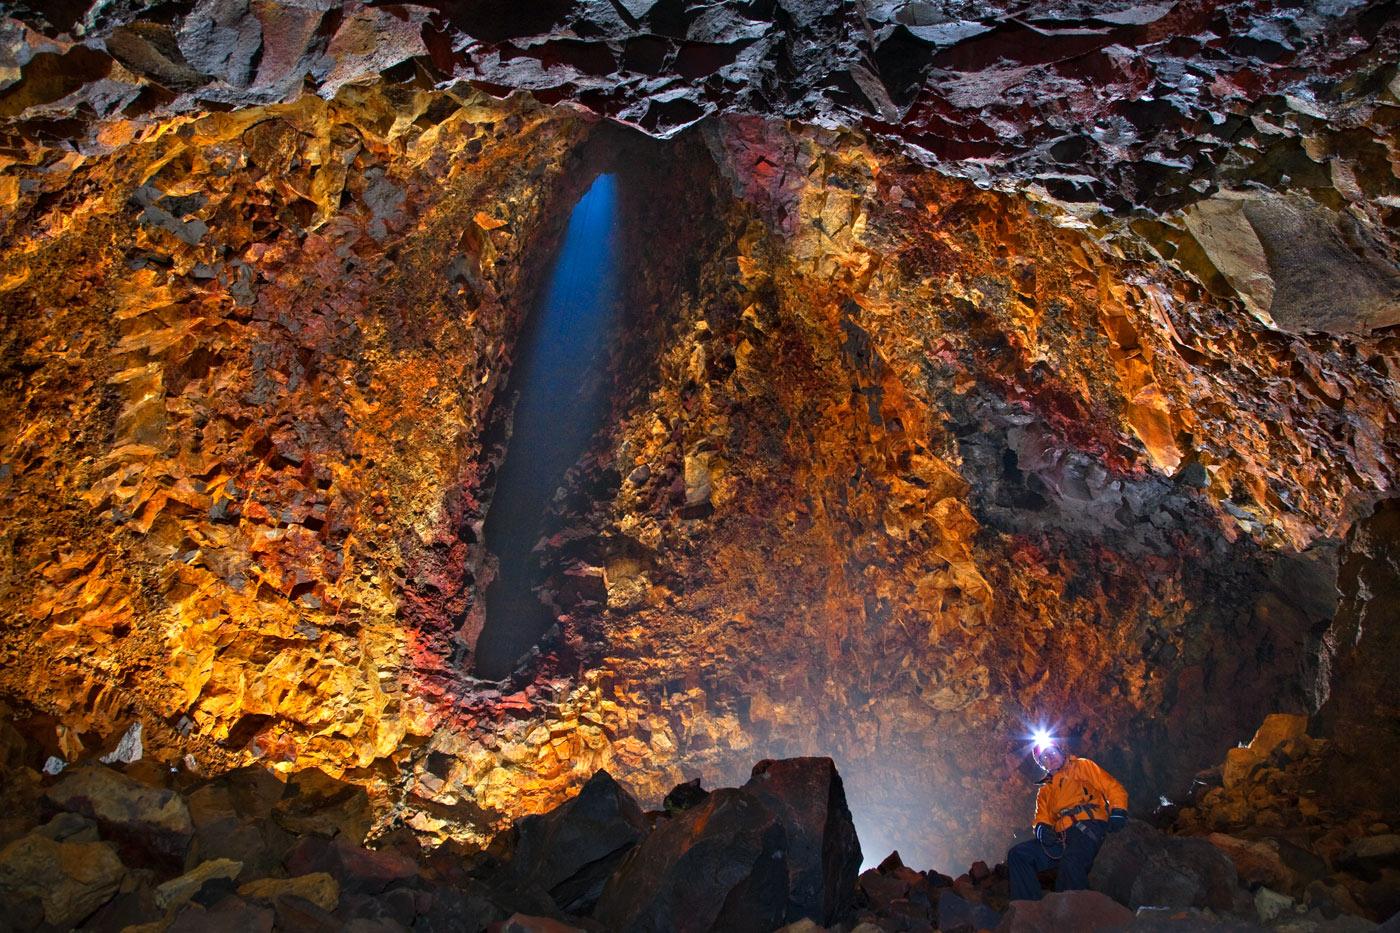 スリーフヌカギグル火山内部はとてもカラフルに色付いている